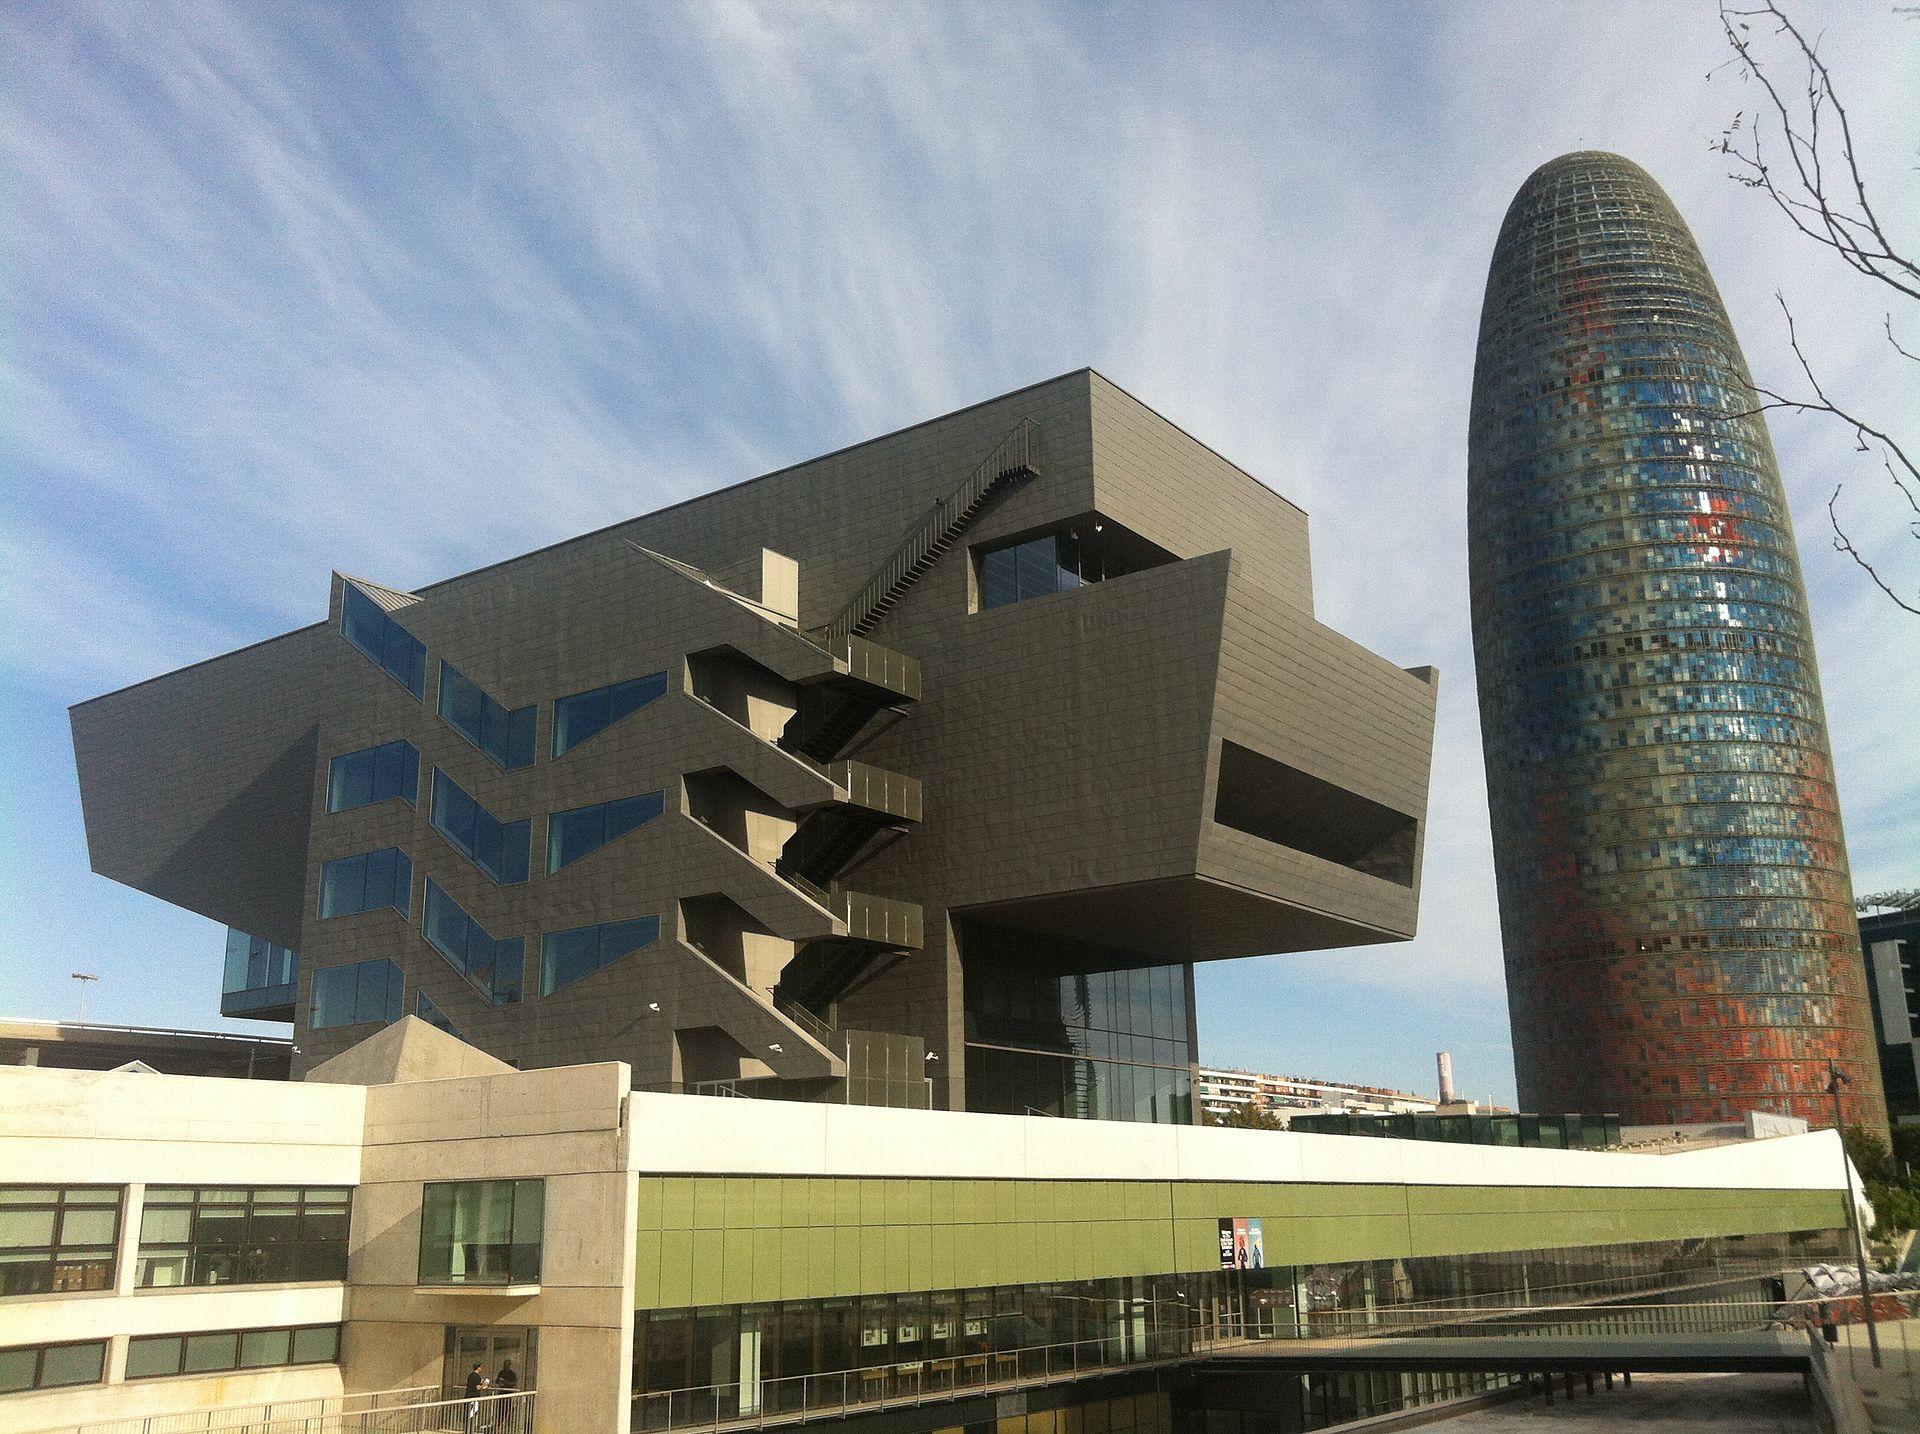 museo del dise o de barcelona wikipedia la enciclopedia On museo del diseno barcelona